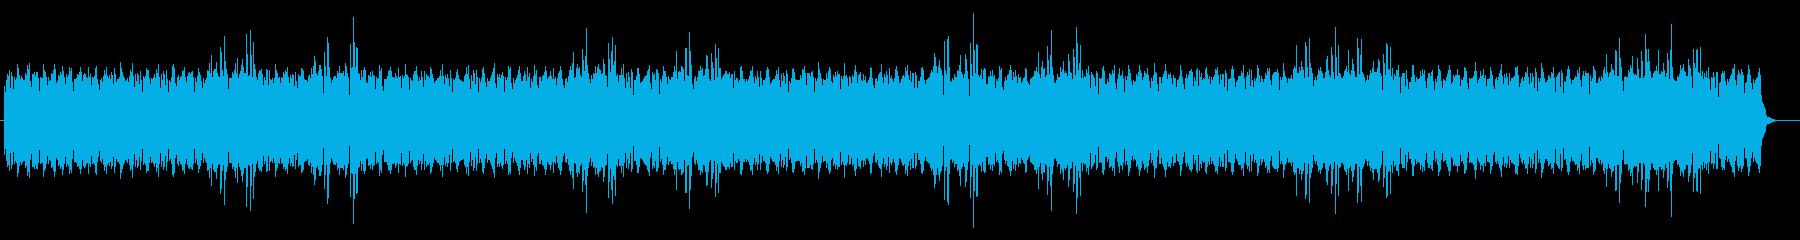 一定のメロディで機械的ミュージックの再生済みの波形